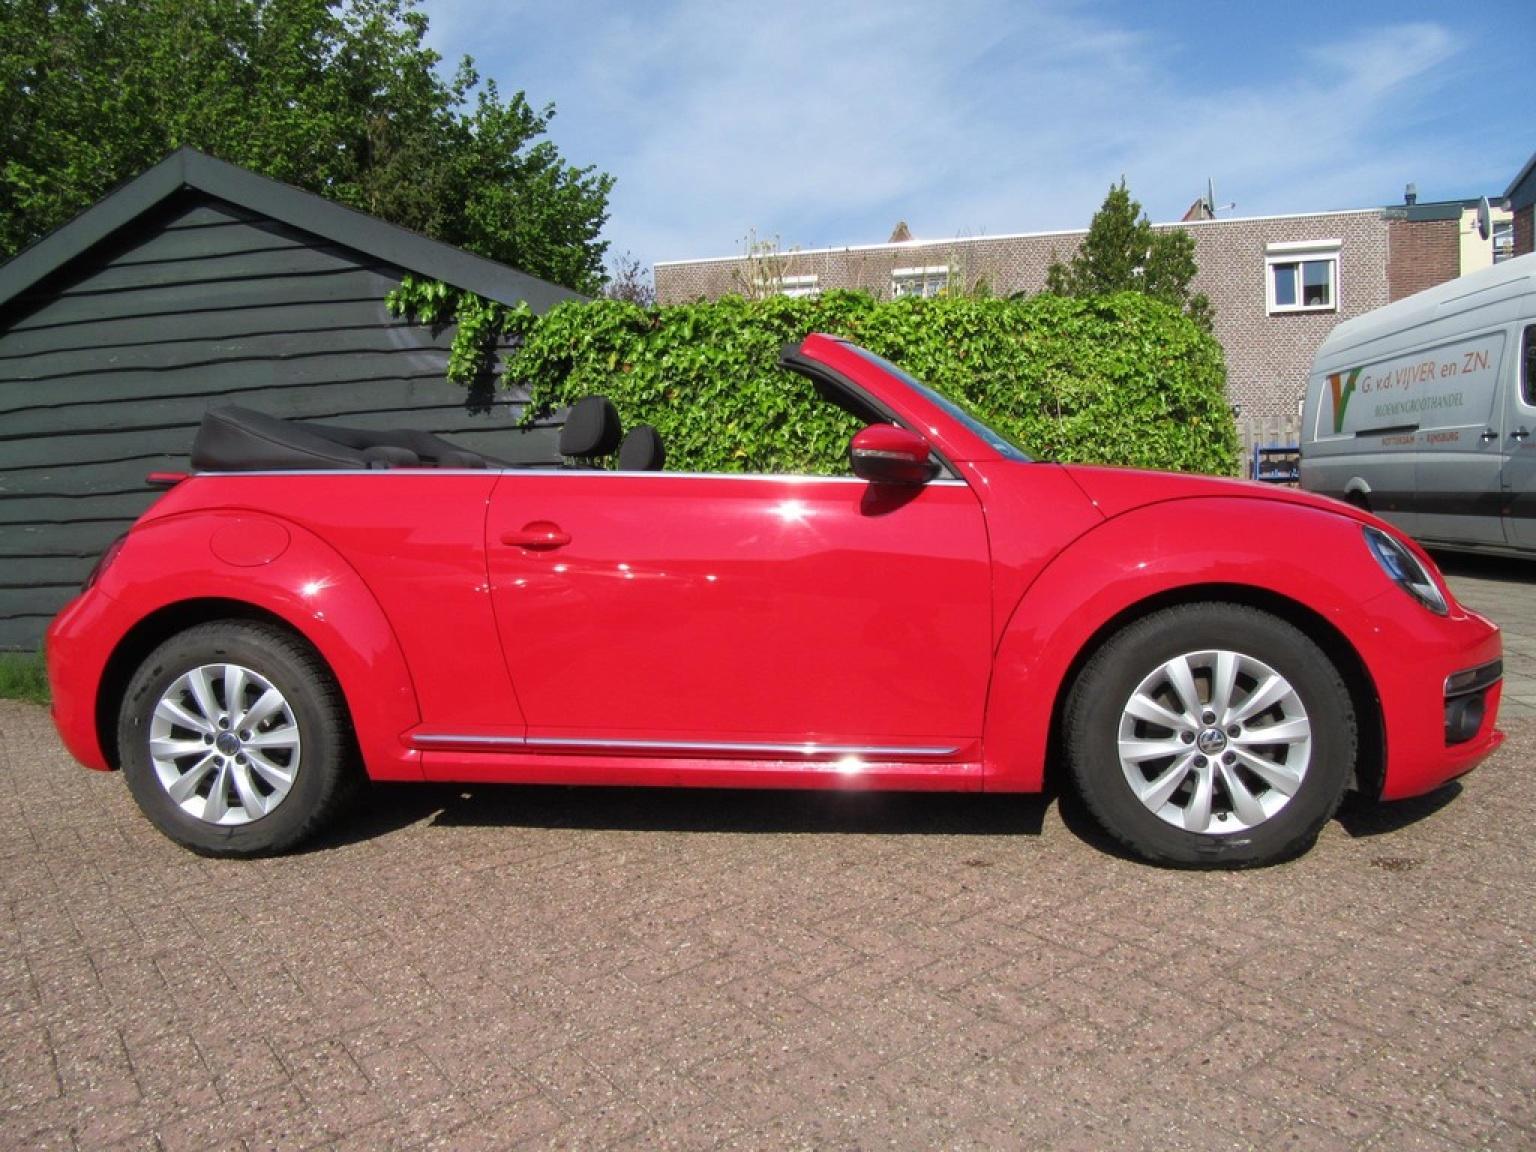 Volkswagen-Beetle-2